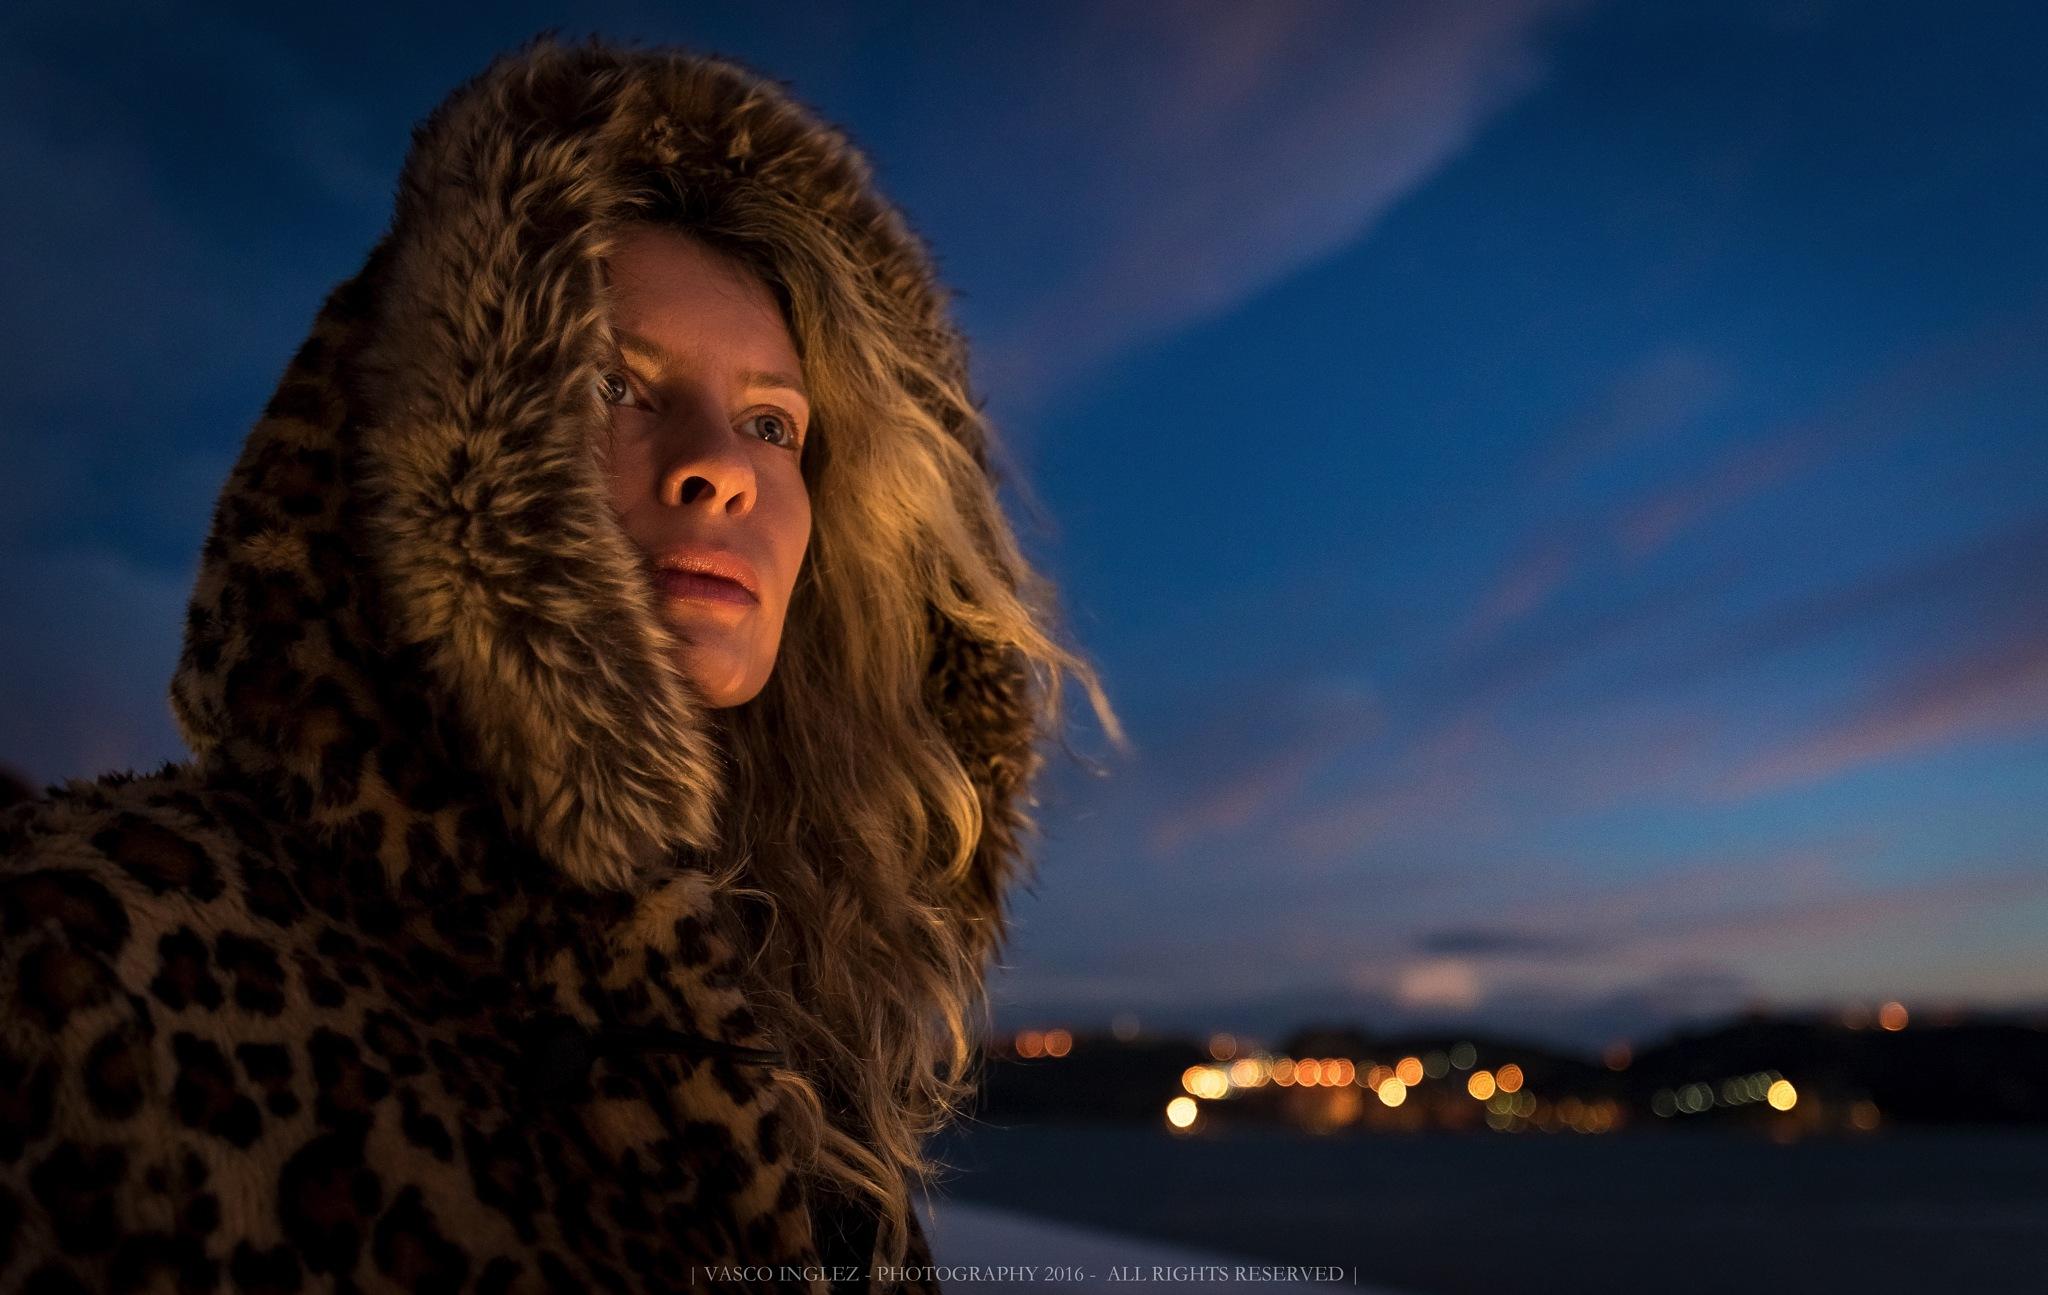 Twilight Look by Vasco Inglez